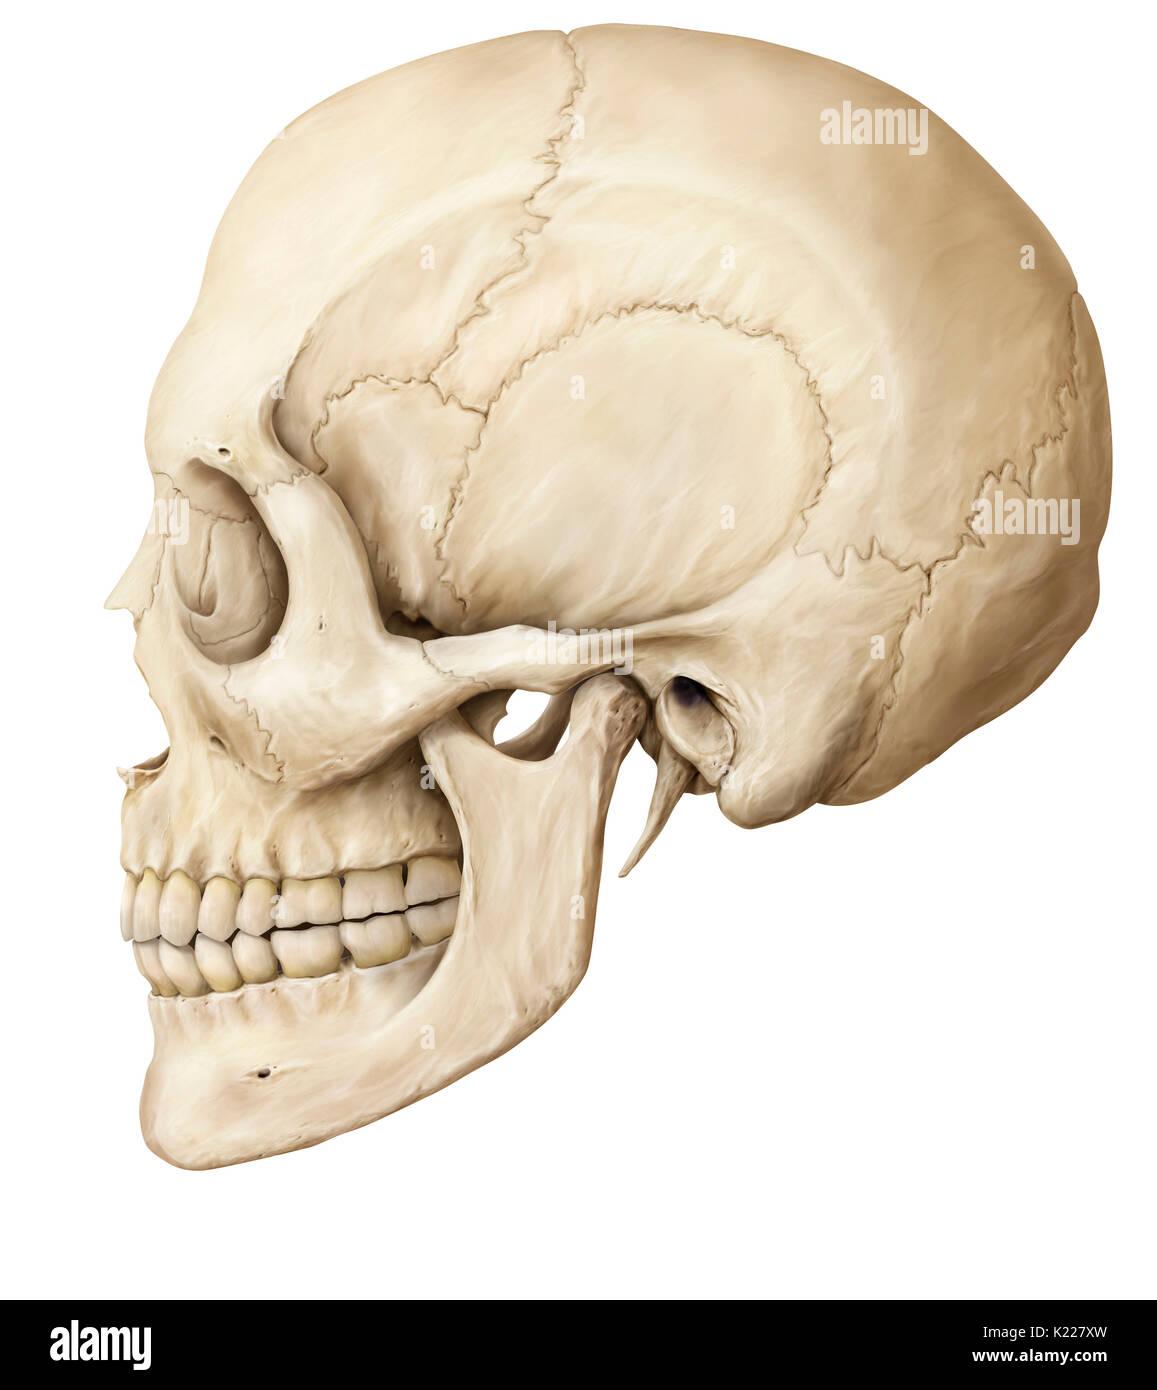 Ziemlich Gehirn Knochen Anatomie Fotos - Menschliche Anatomie Bilder ...